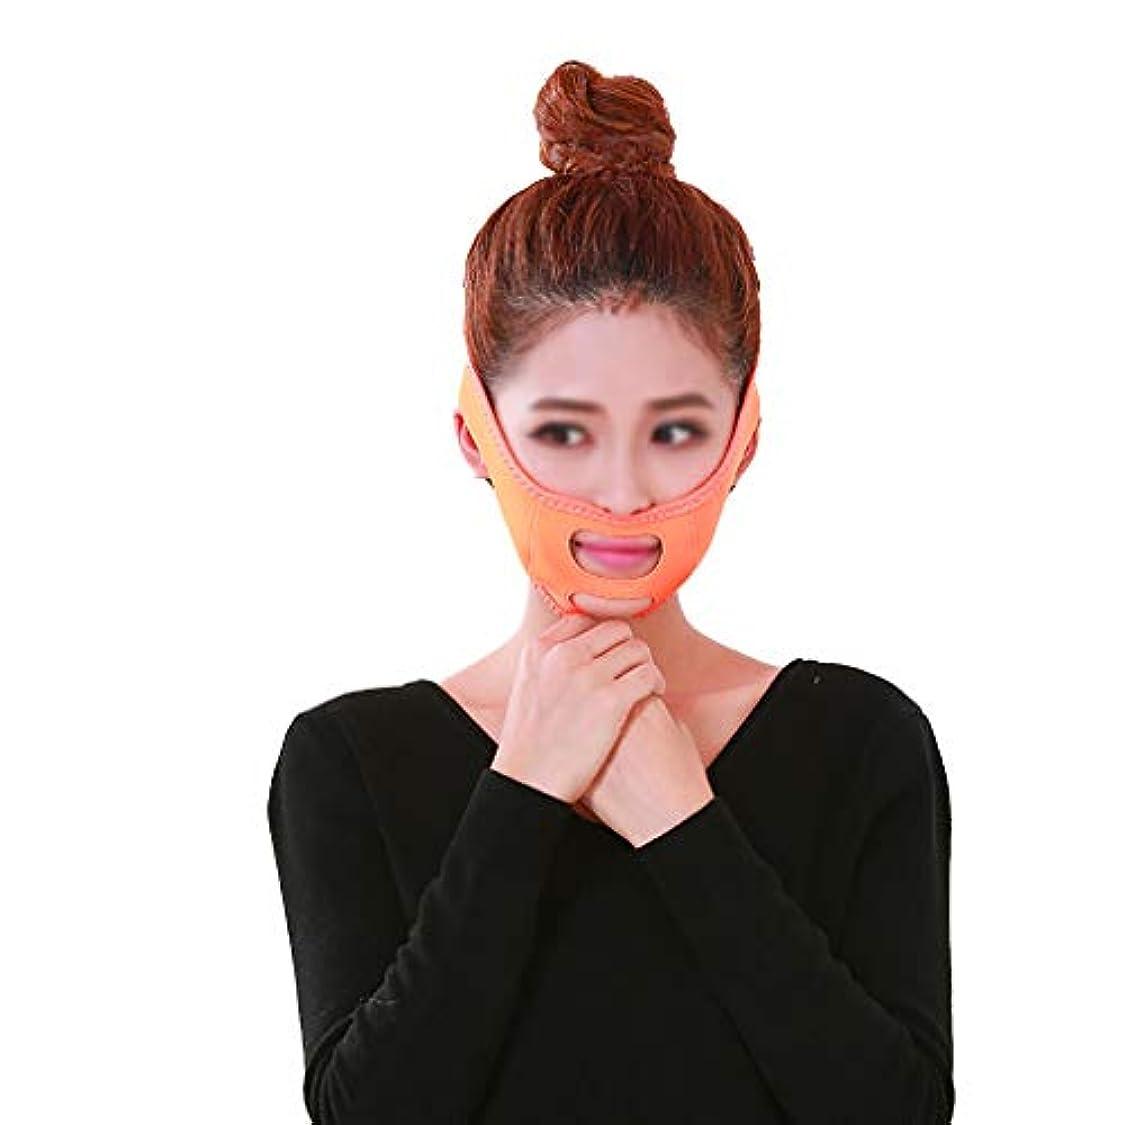 無謀剥ぎ取る入札フェイスリフトフェイシャル、フェイシャルマスクVフェイスマスクタイトな肌のリラクゼーションを防ぐVフェイスアーティファクトフェイスリフト包帯フェイスケア (Color : Orange)